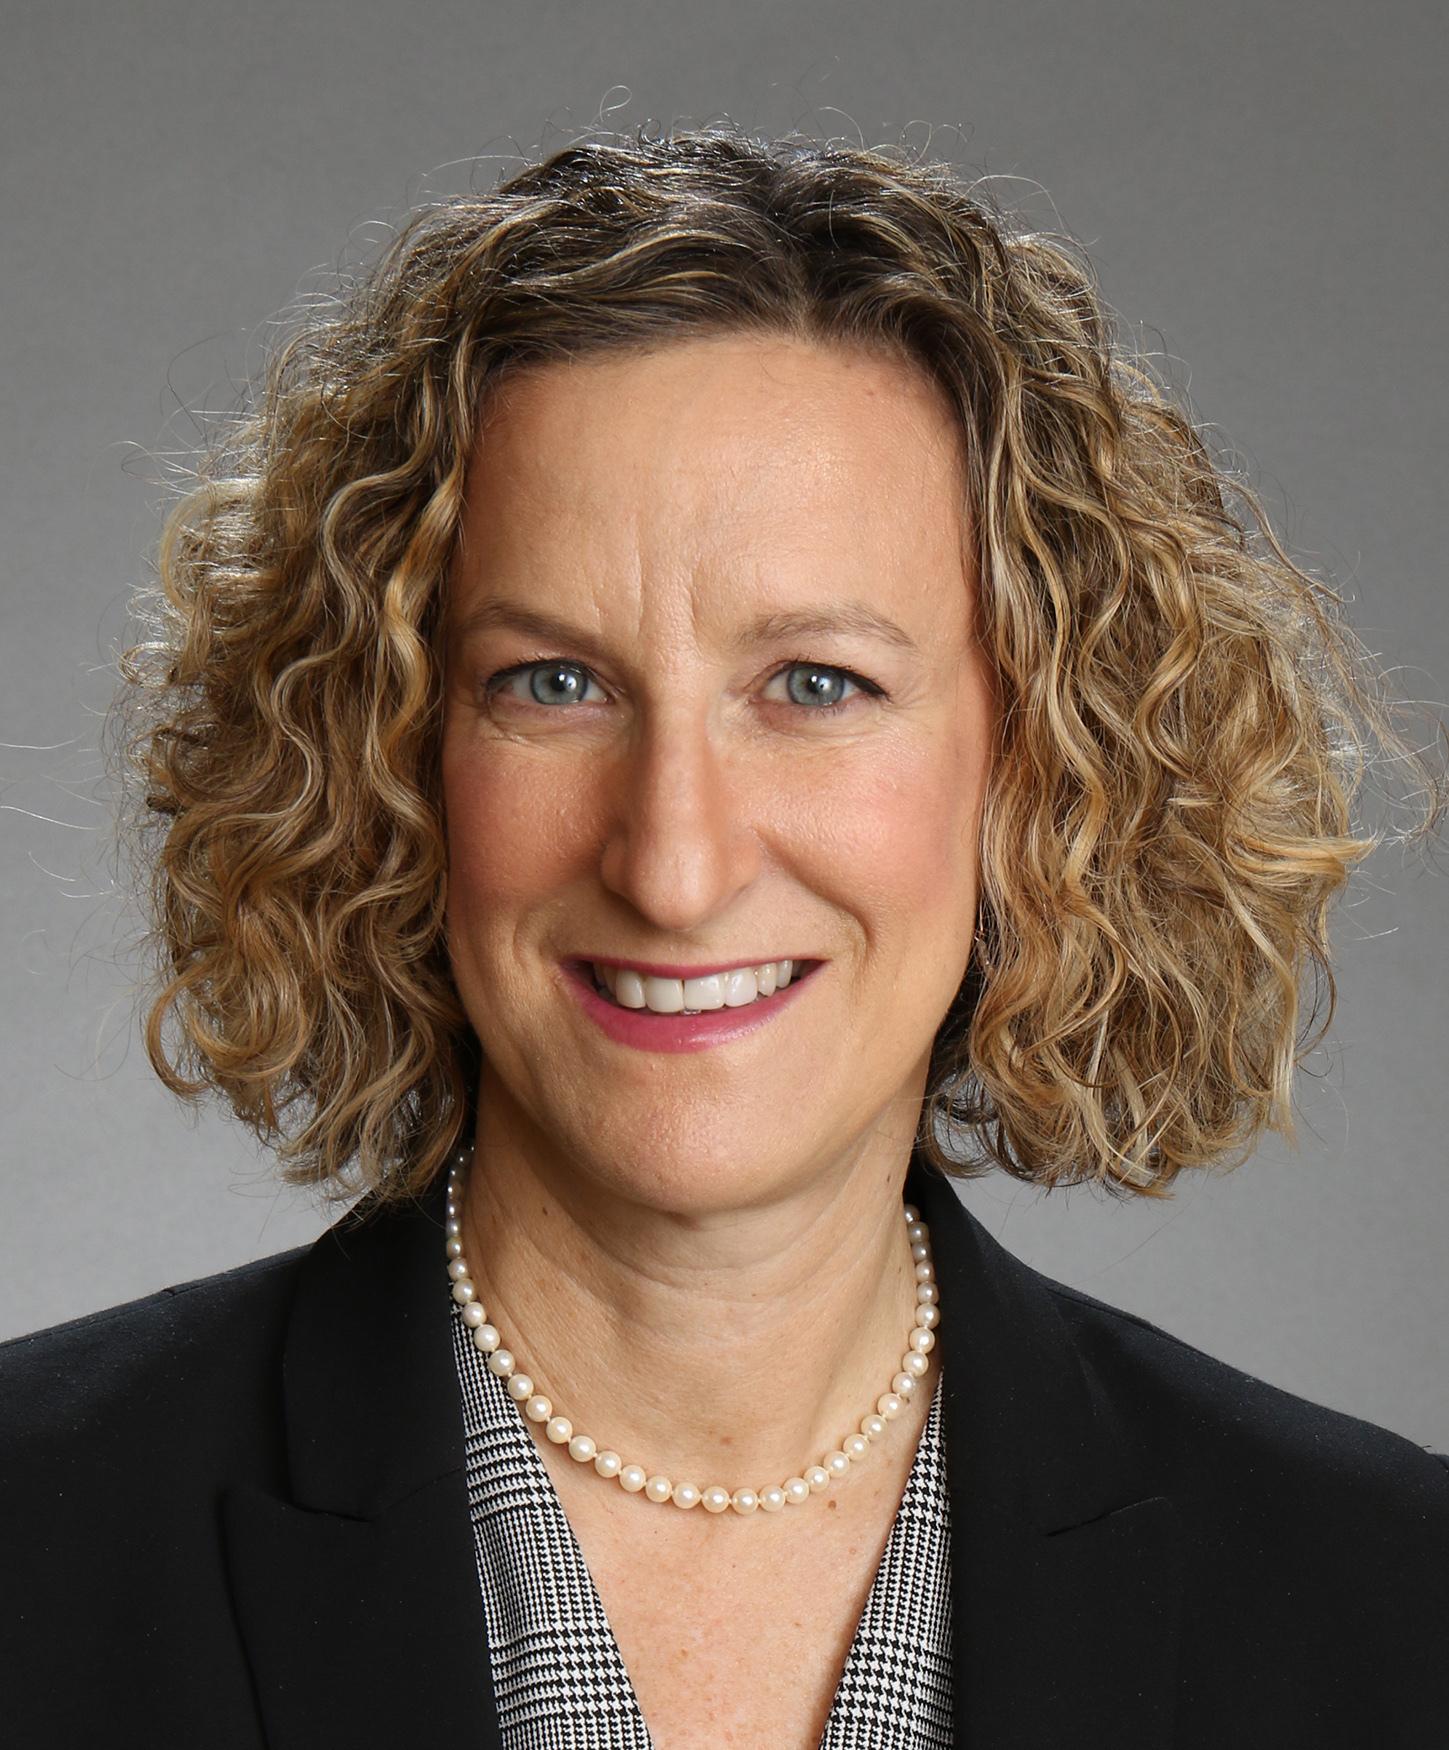 Image of Jennifer Bluestein